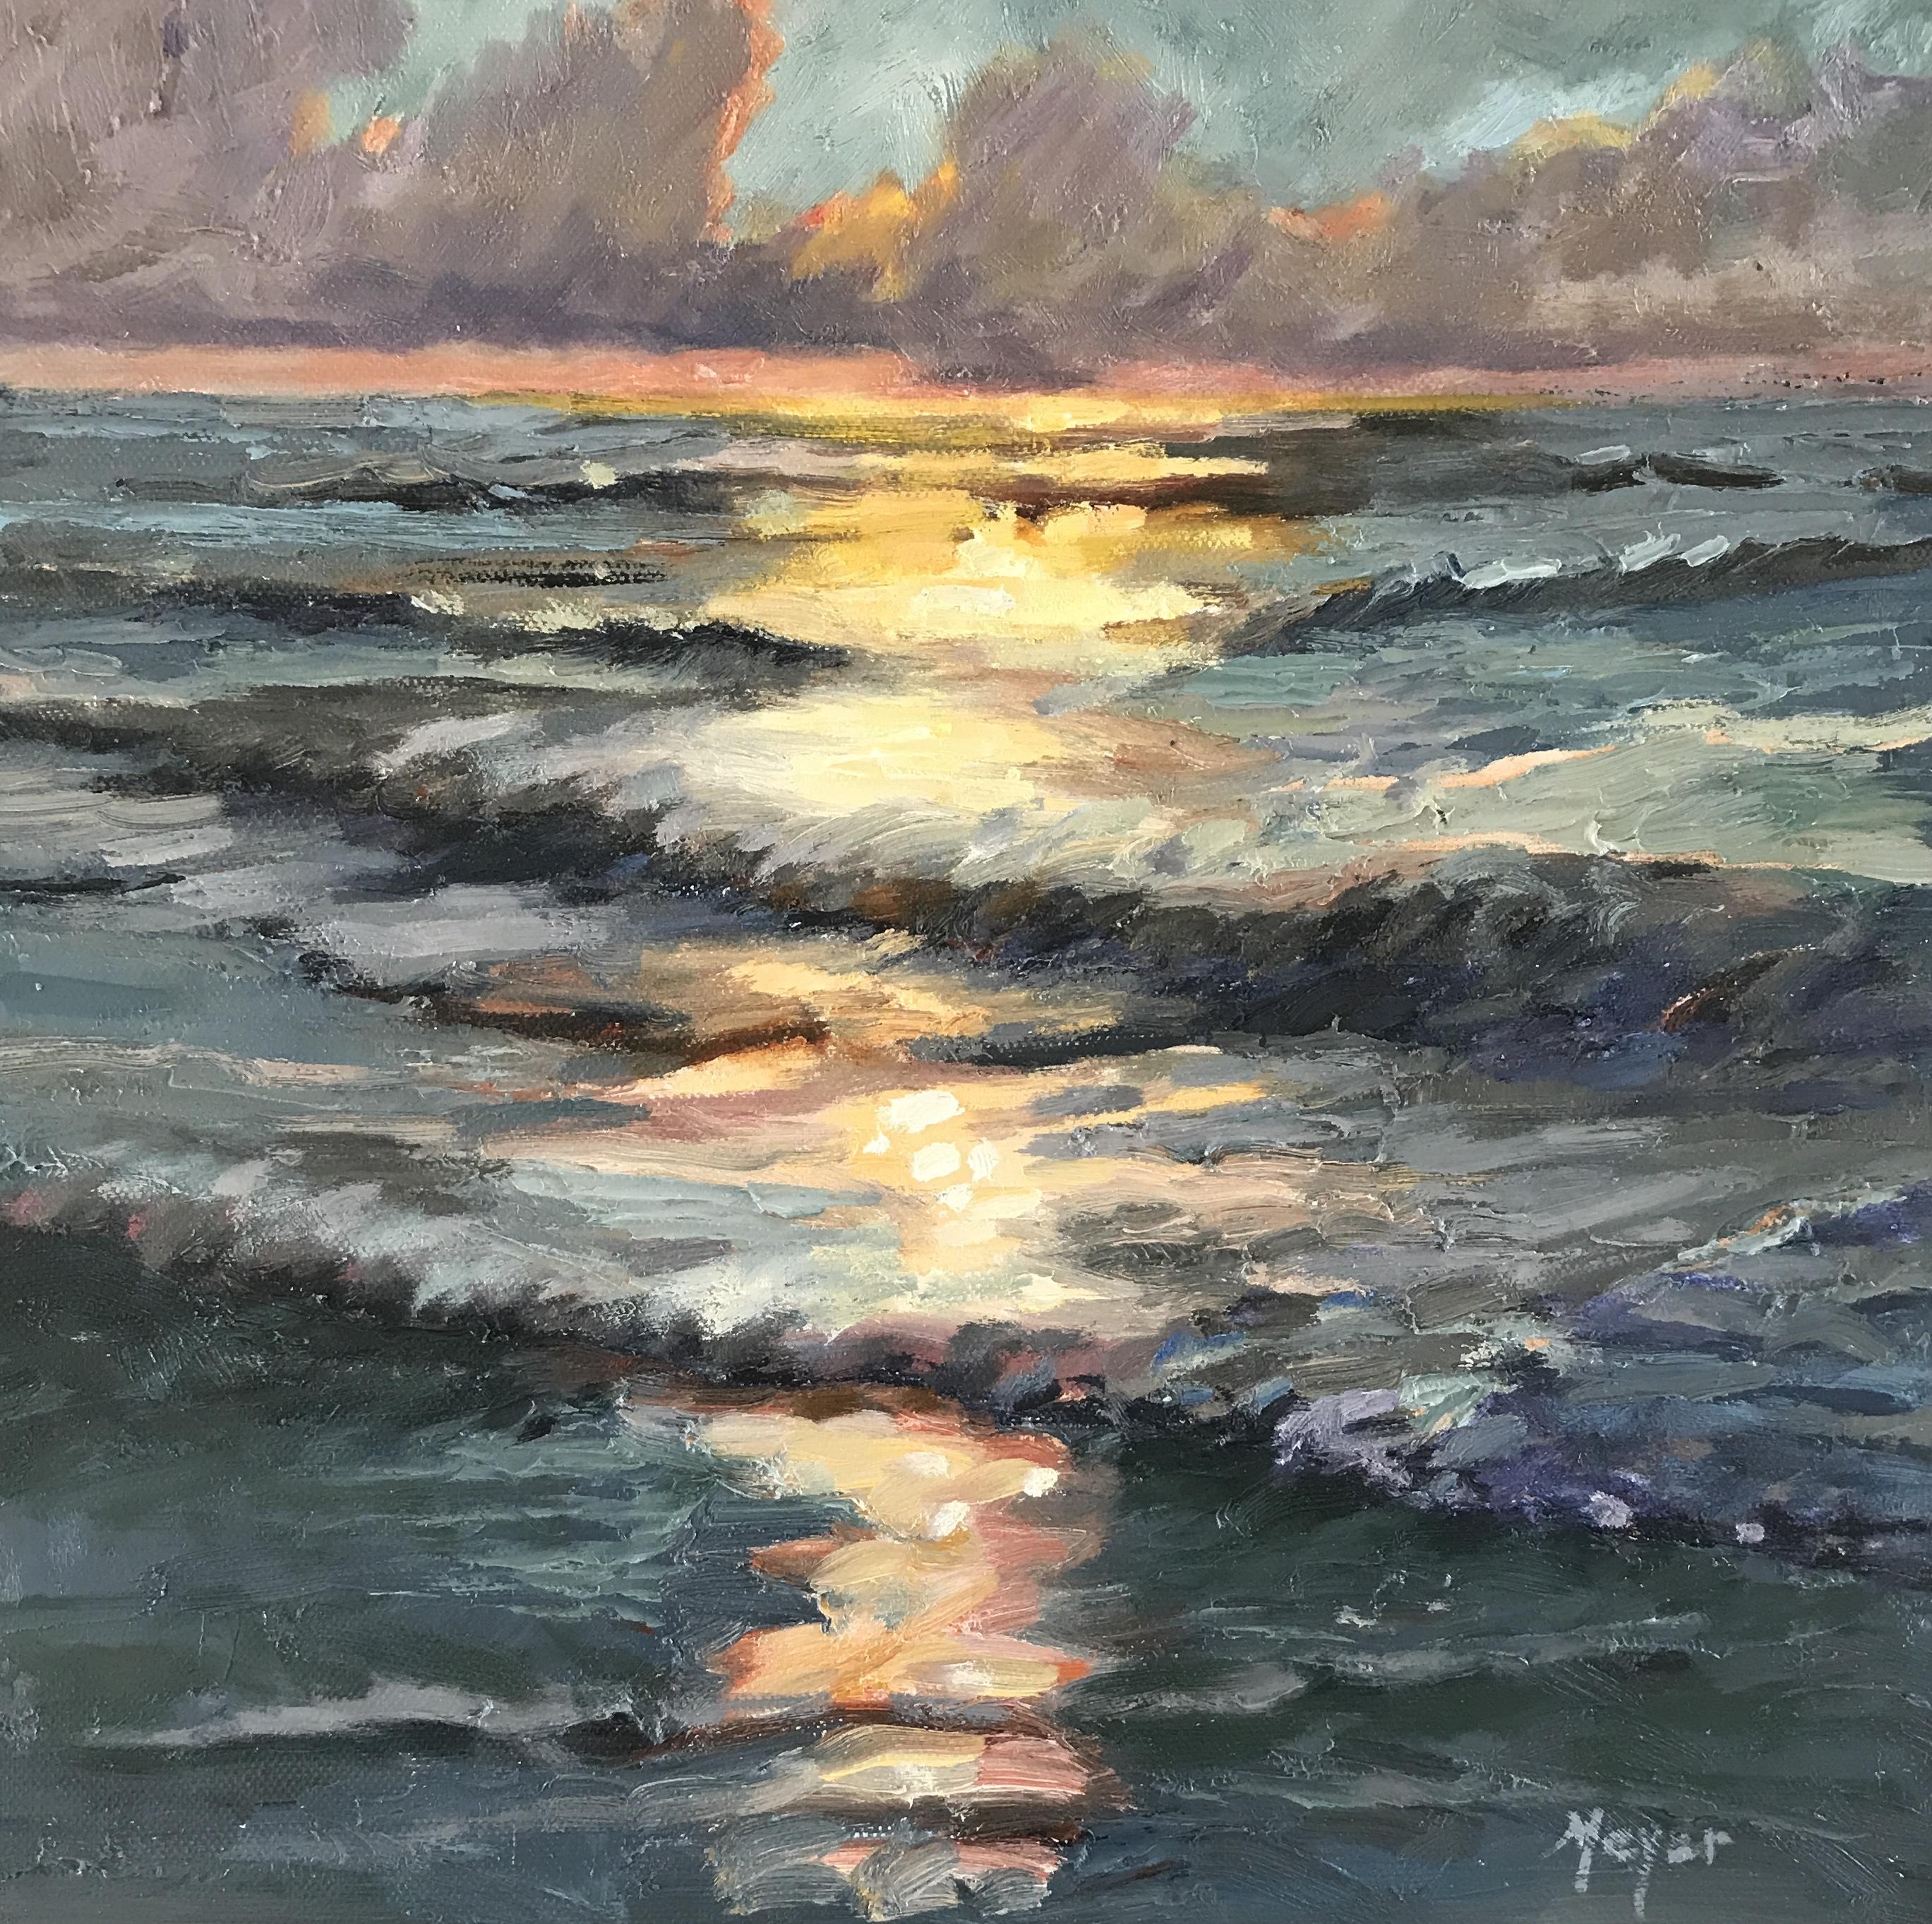 Making Waves, II